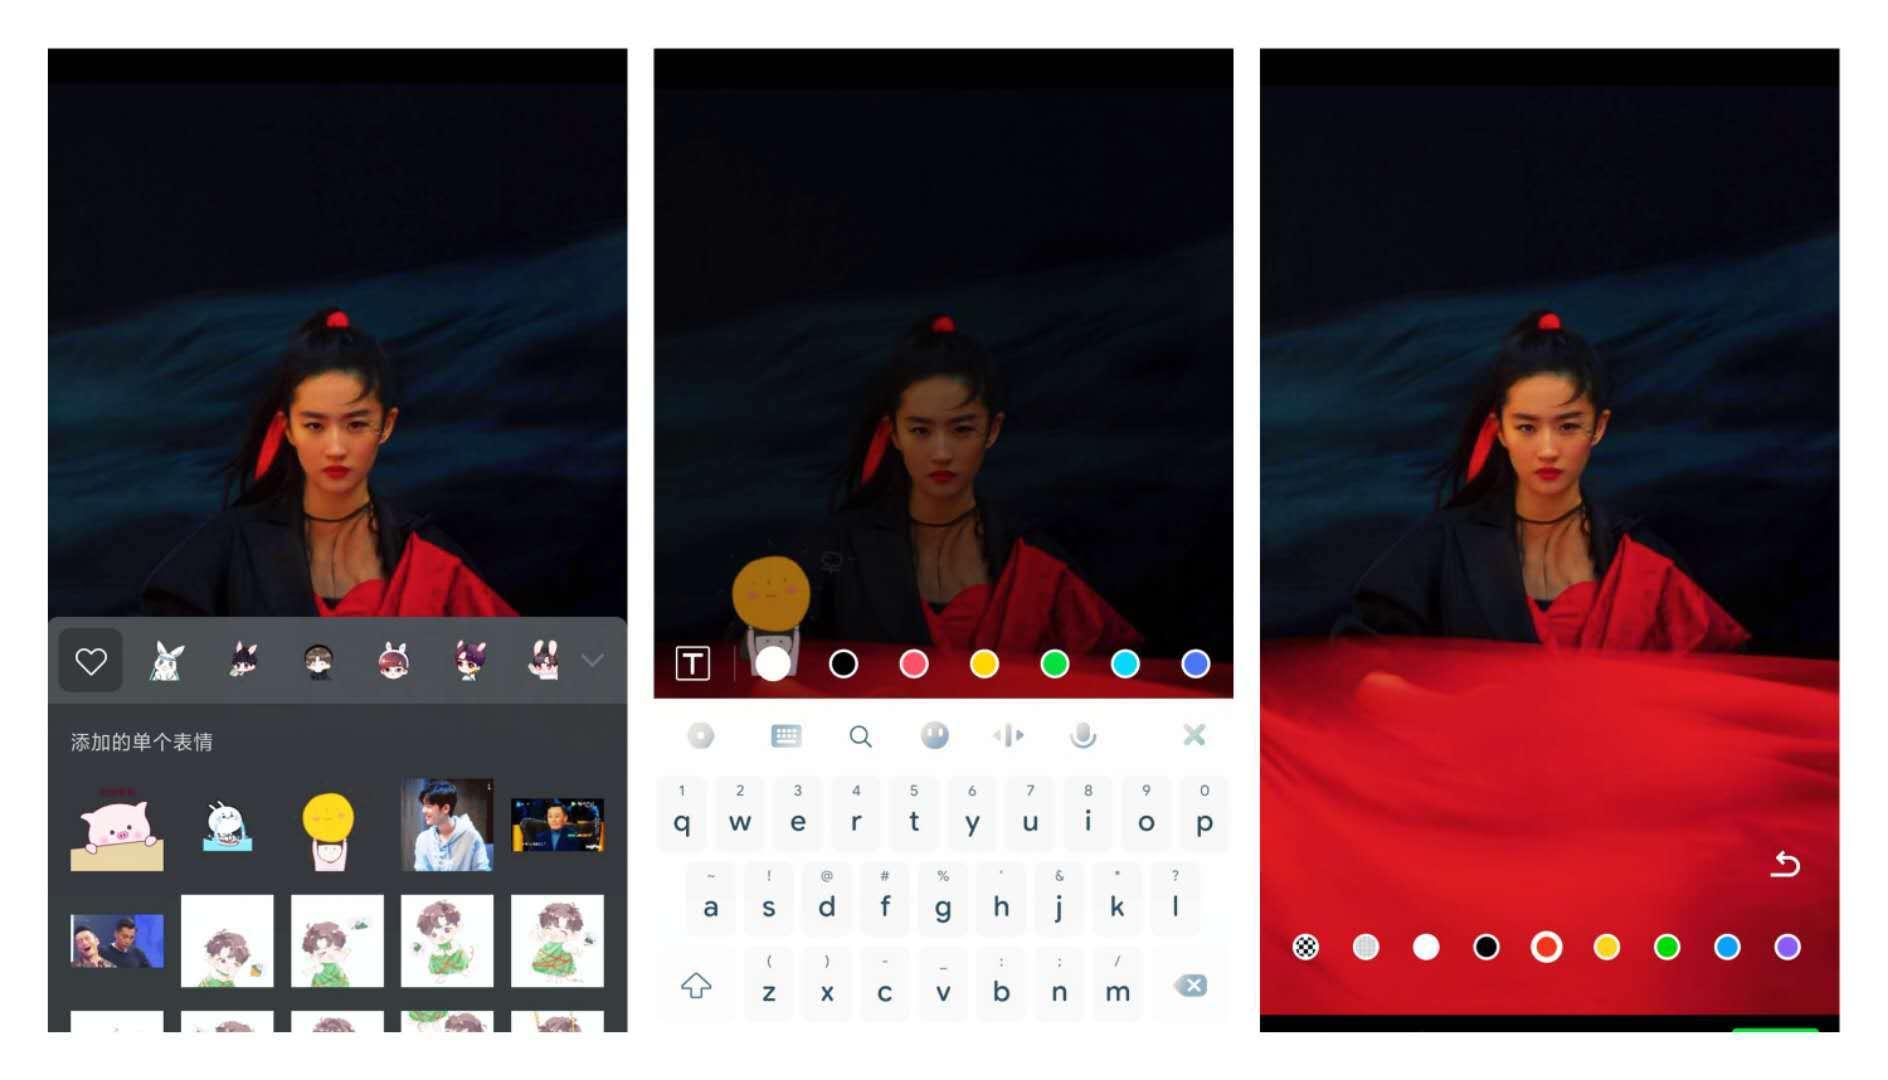 微信7.0.19版本更新,这4个新变化你发现了吗?